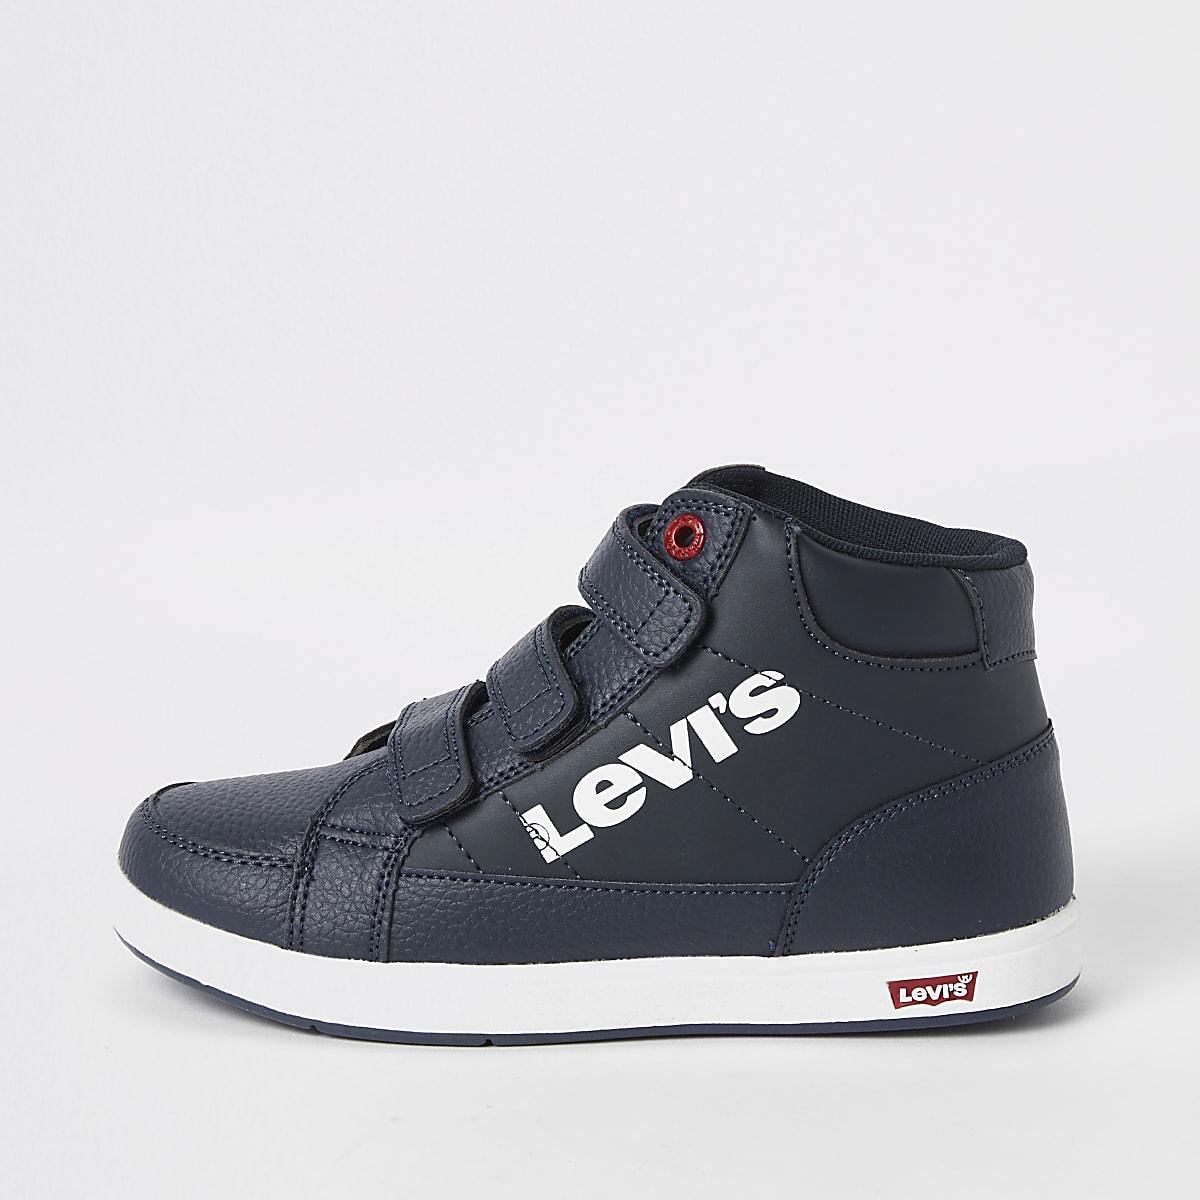 14997478f34 ... Levi's - Marineblauwe hoge sneakers met klittenband voor jongens ...